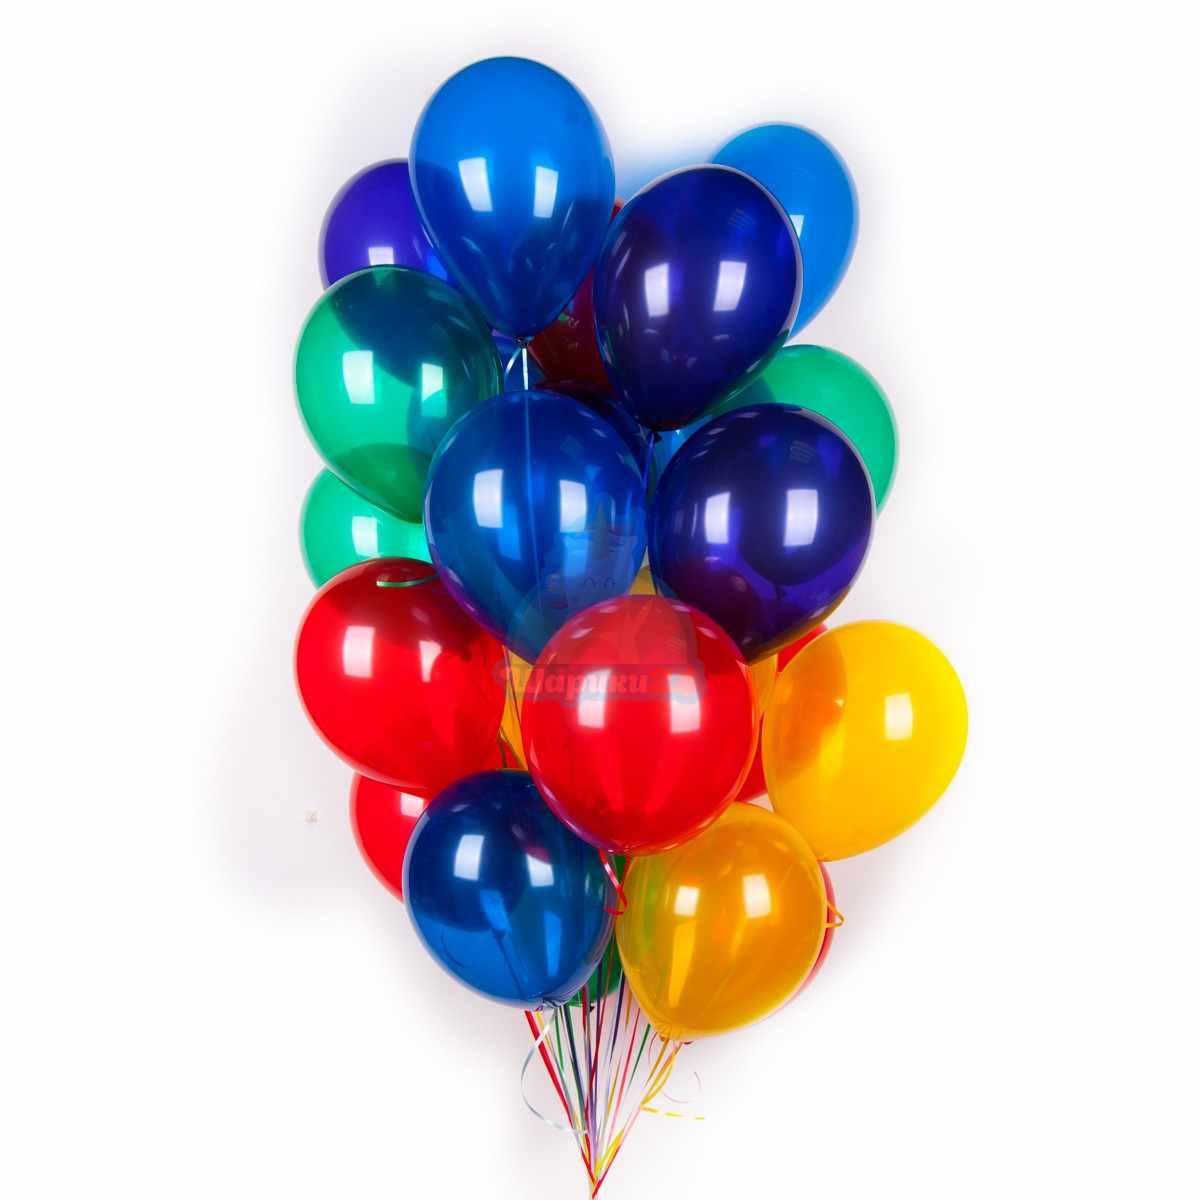 Разноцветные прозрачные шары 100 шт фото в интернет-магазине Шарики 24